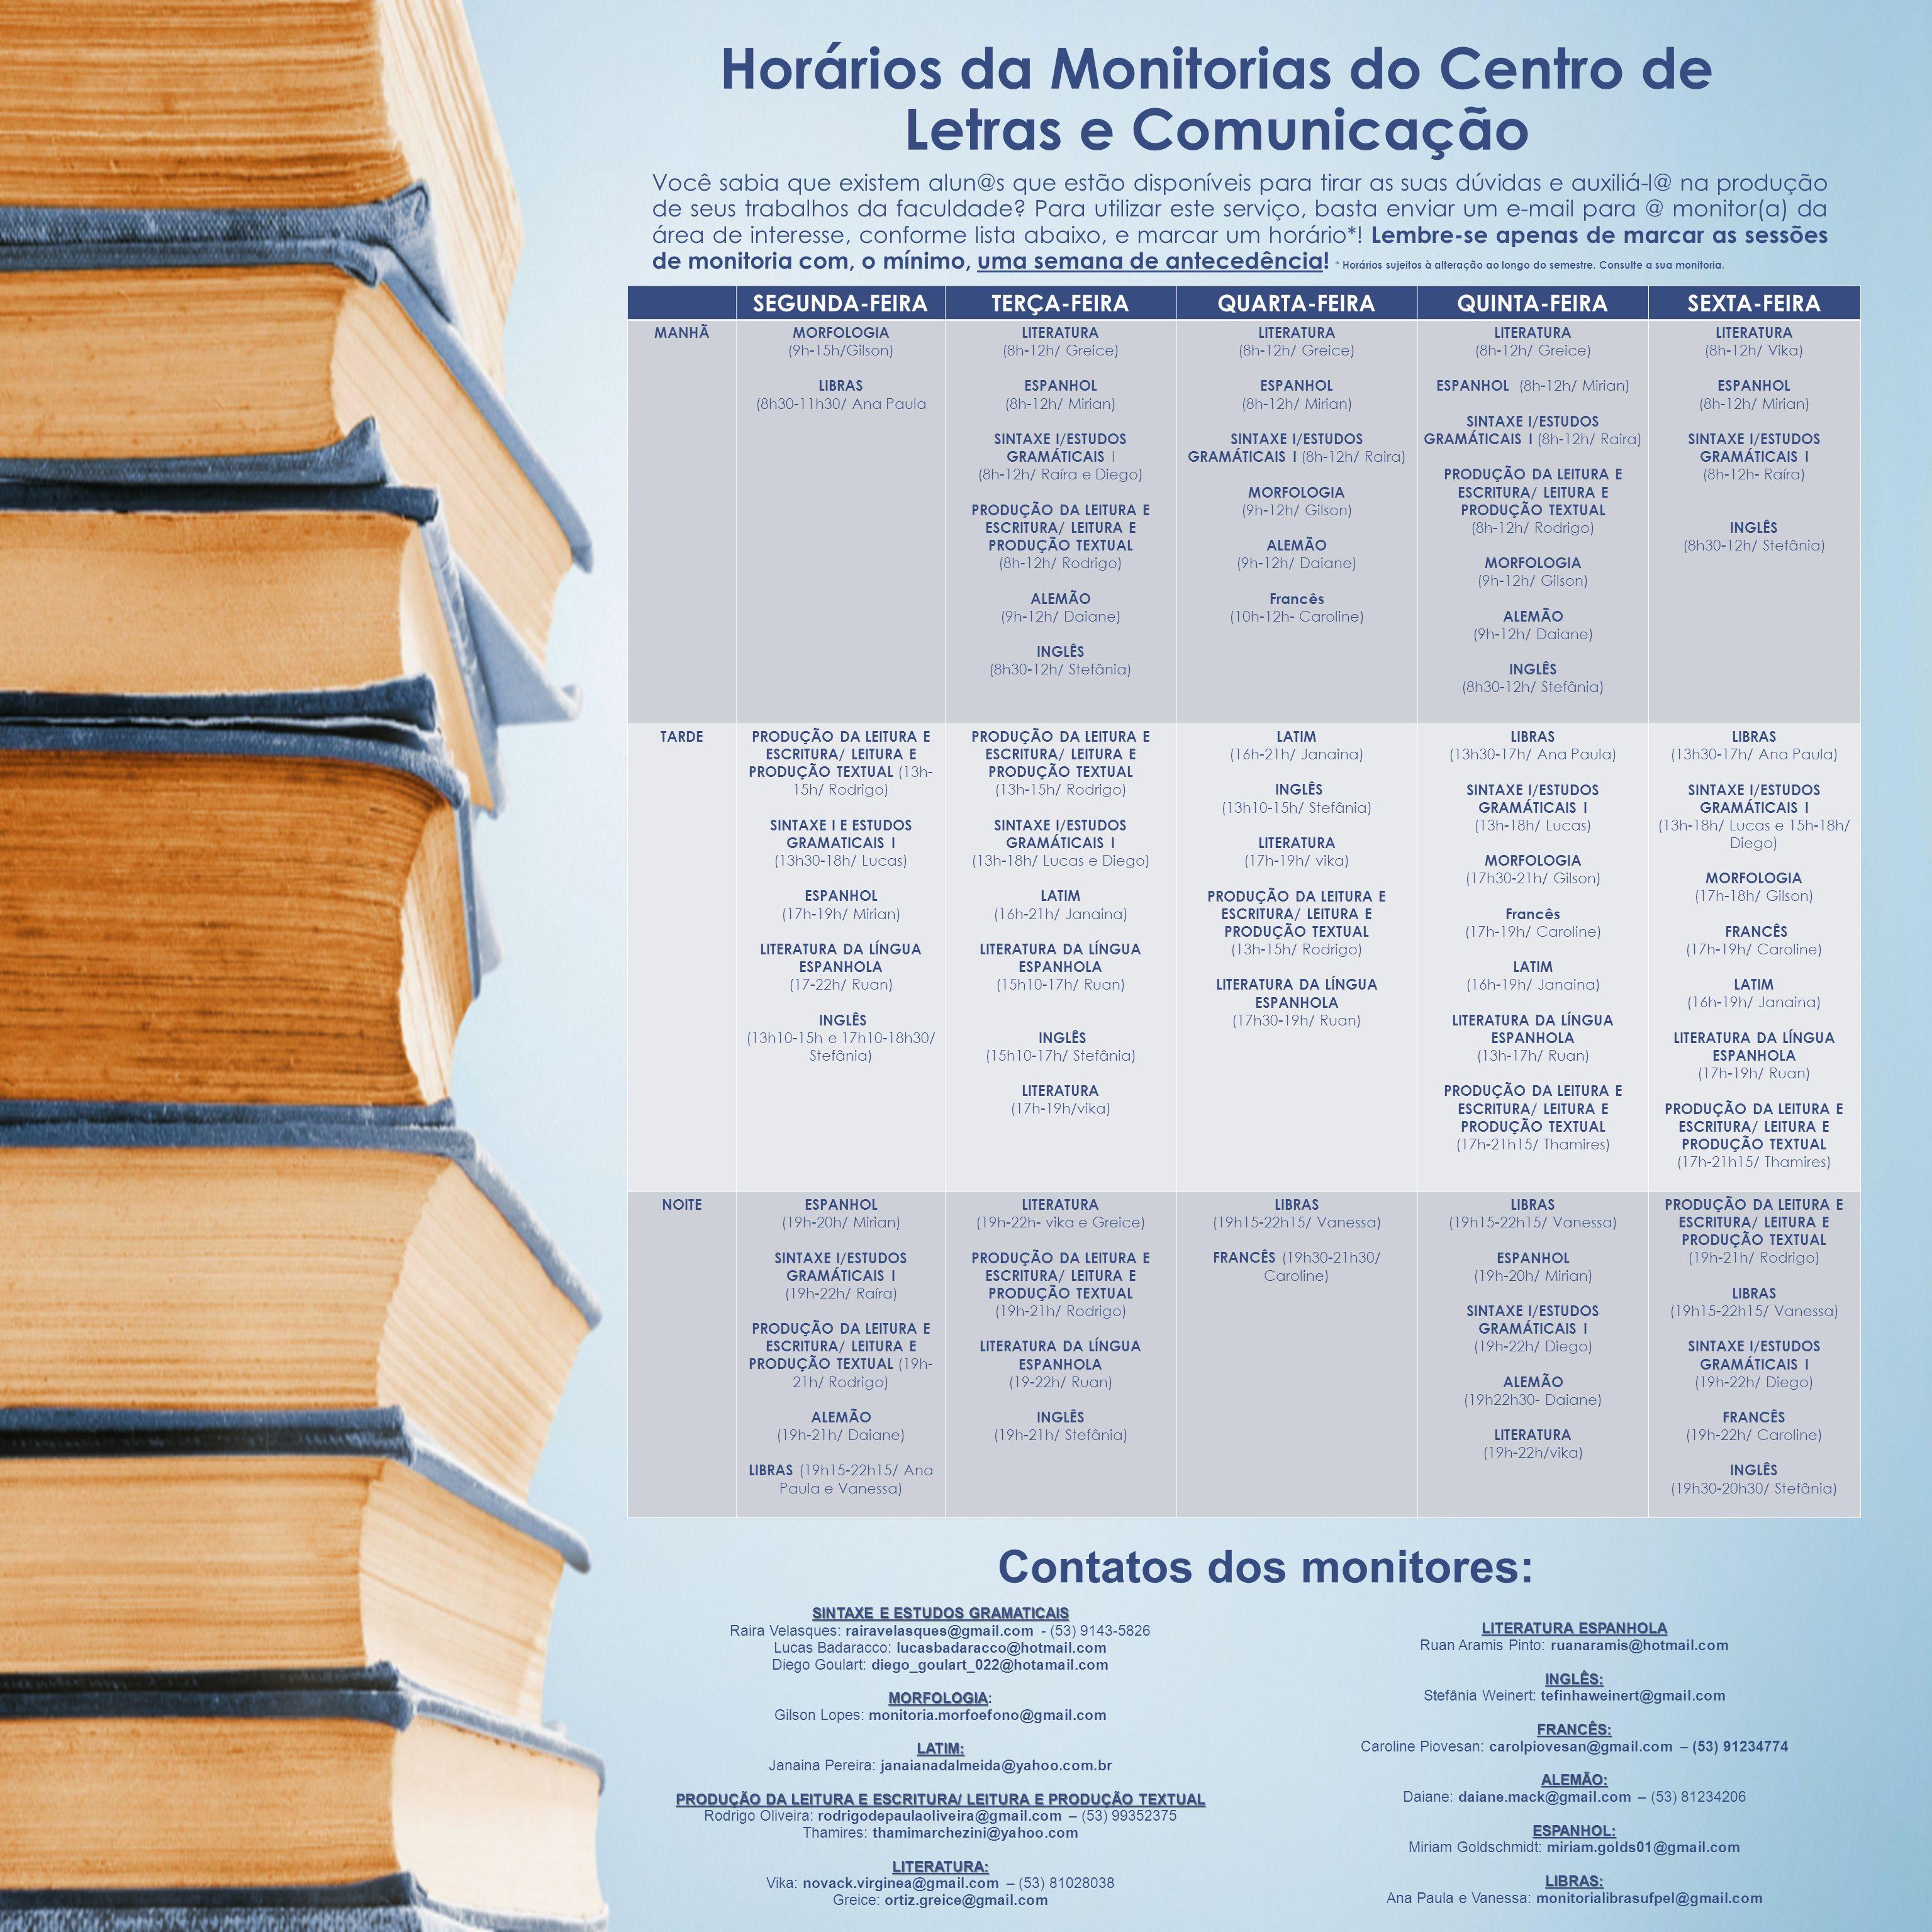 Horários da Monitorias do Centro de Letras e Comunicação